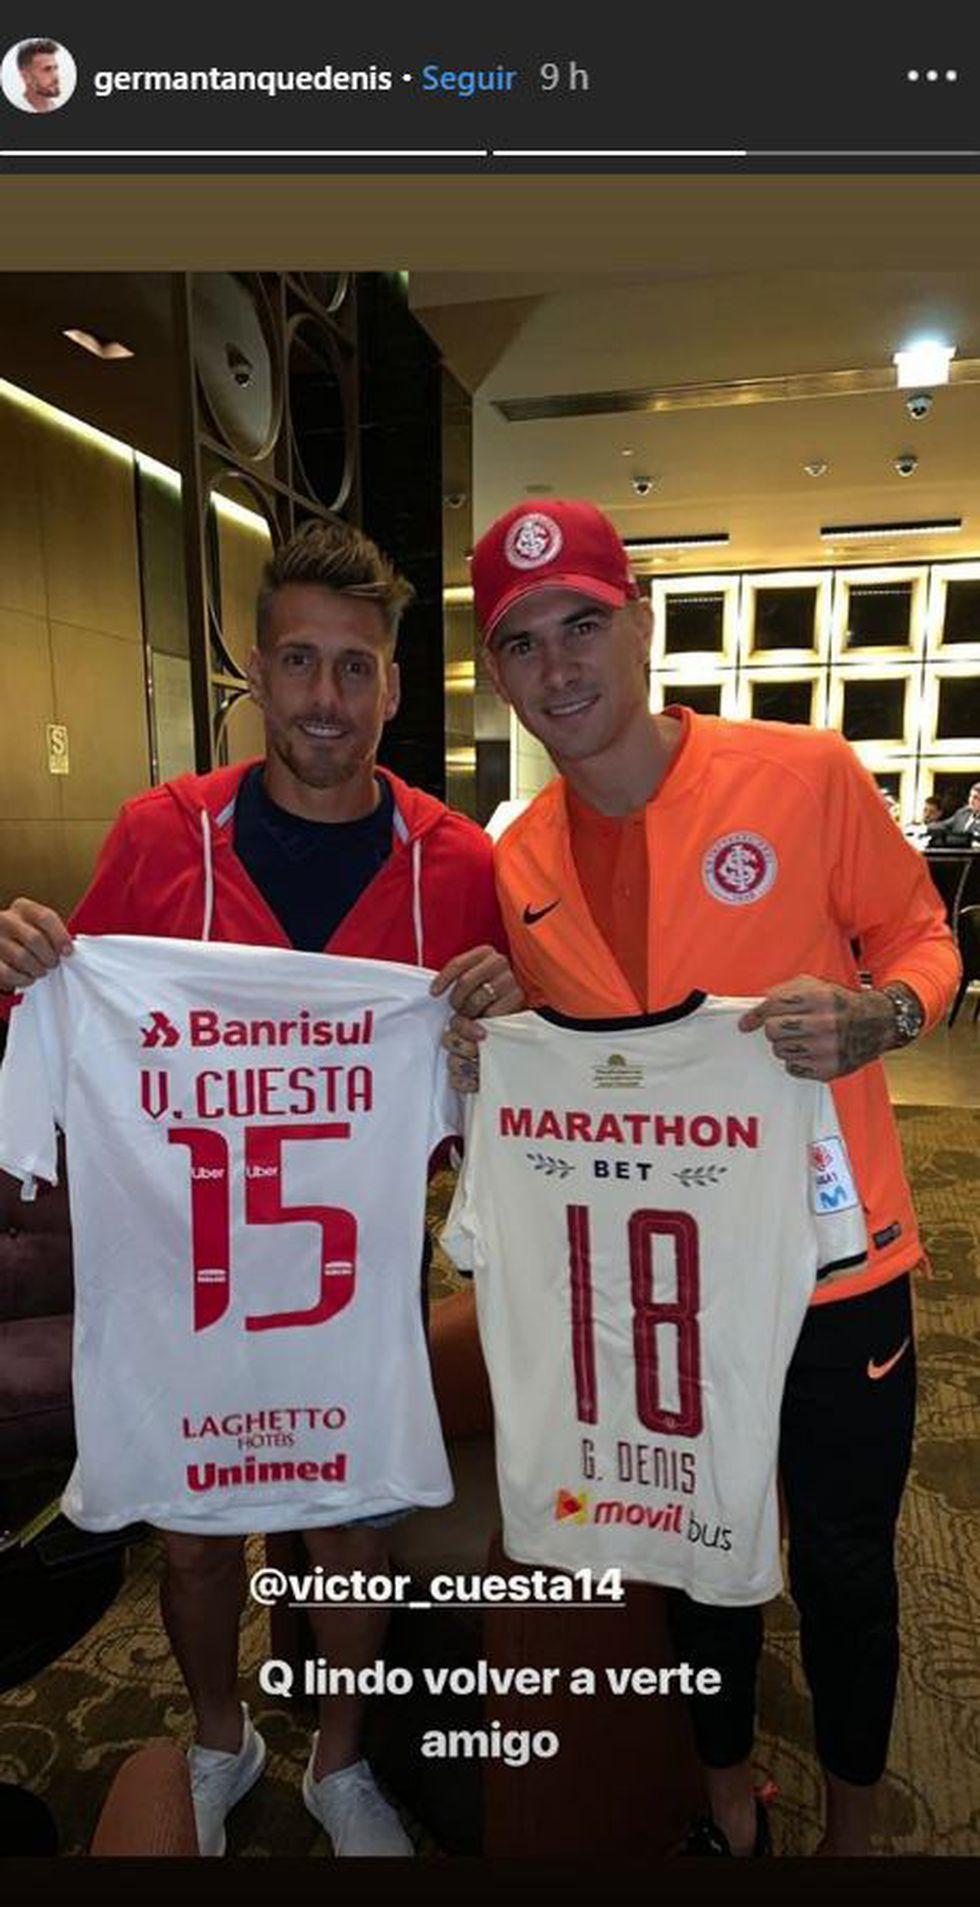 Germán Denis dedica un mensaje a Víctor Cuesta. (Foto: Captura de Instagram)